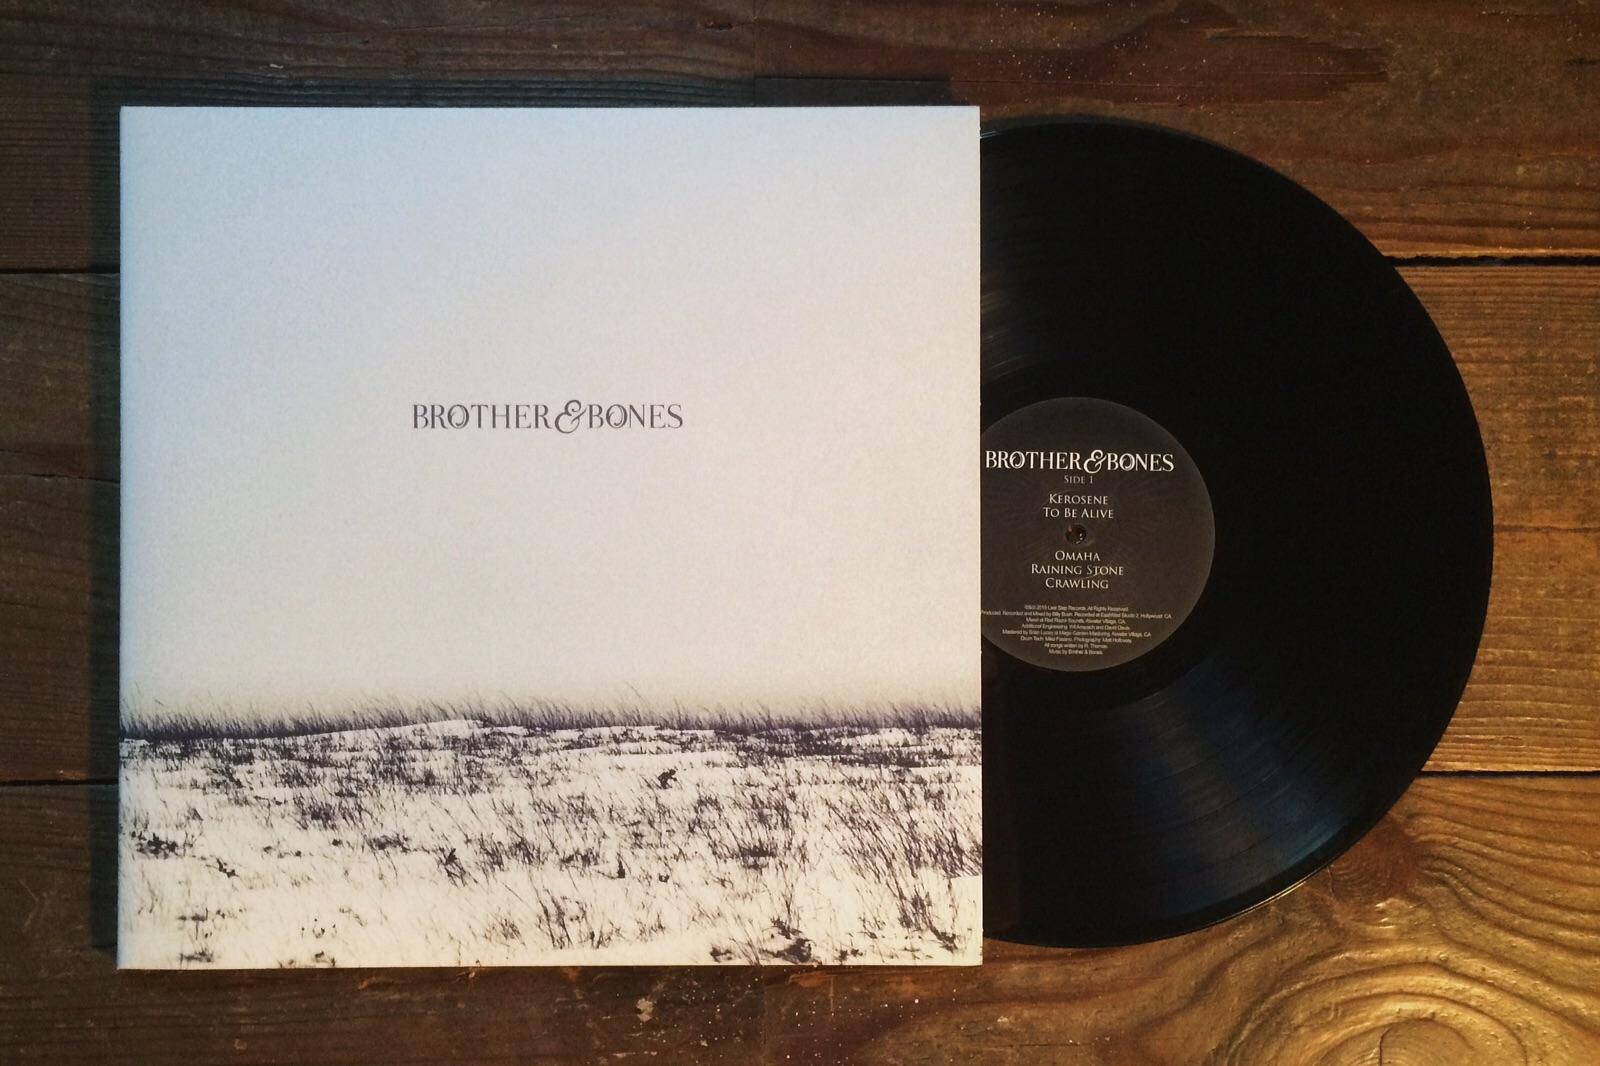 """'Brother & Bones' 12"""" VINYL - ALBUM - Brother & Bones"""